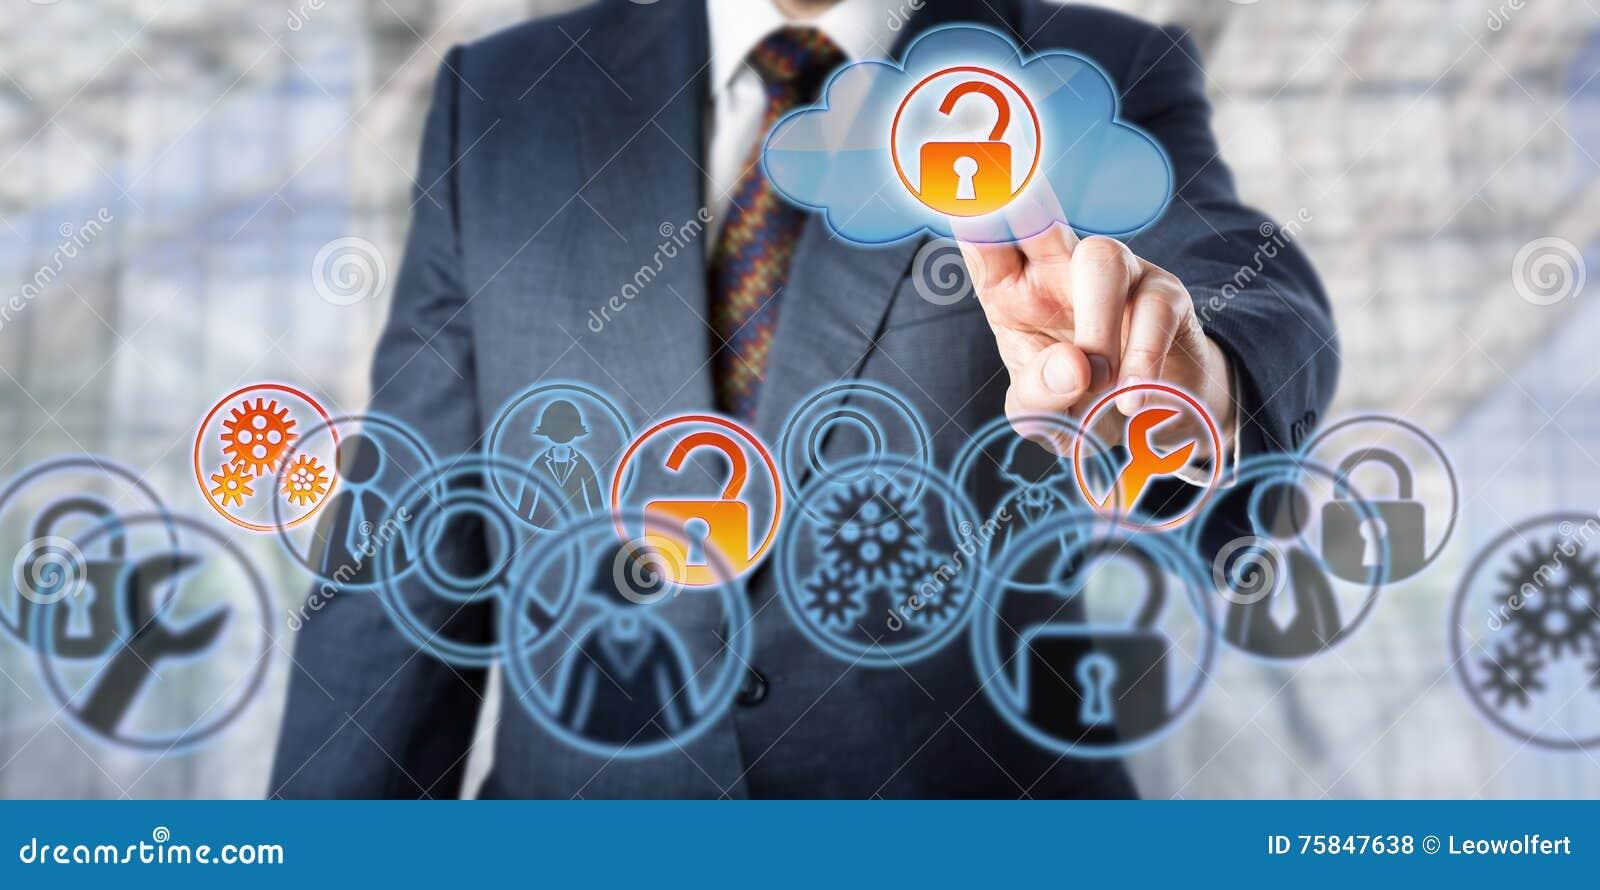 Servicios manejados Unlocking Access To del hombre de negocios